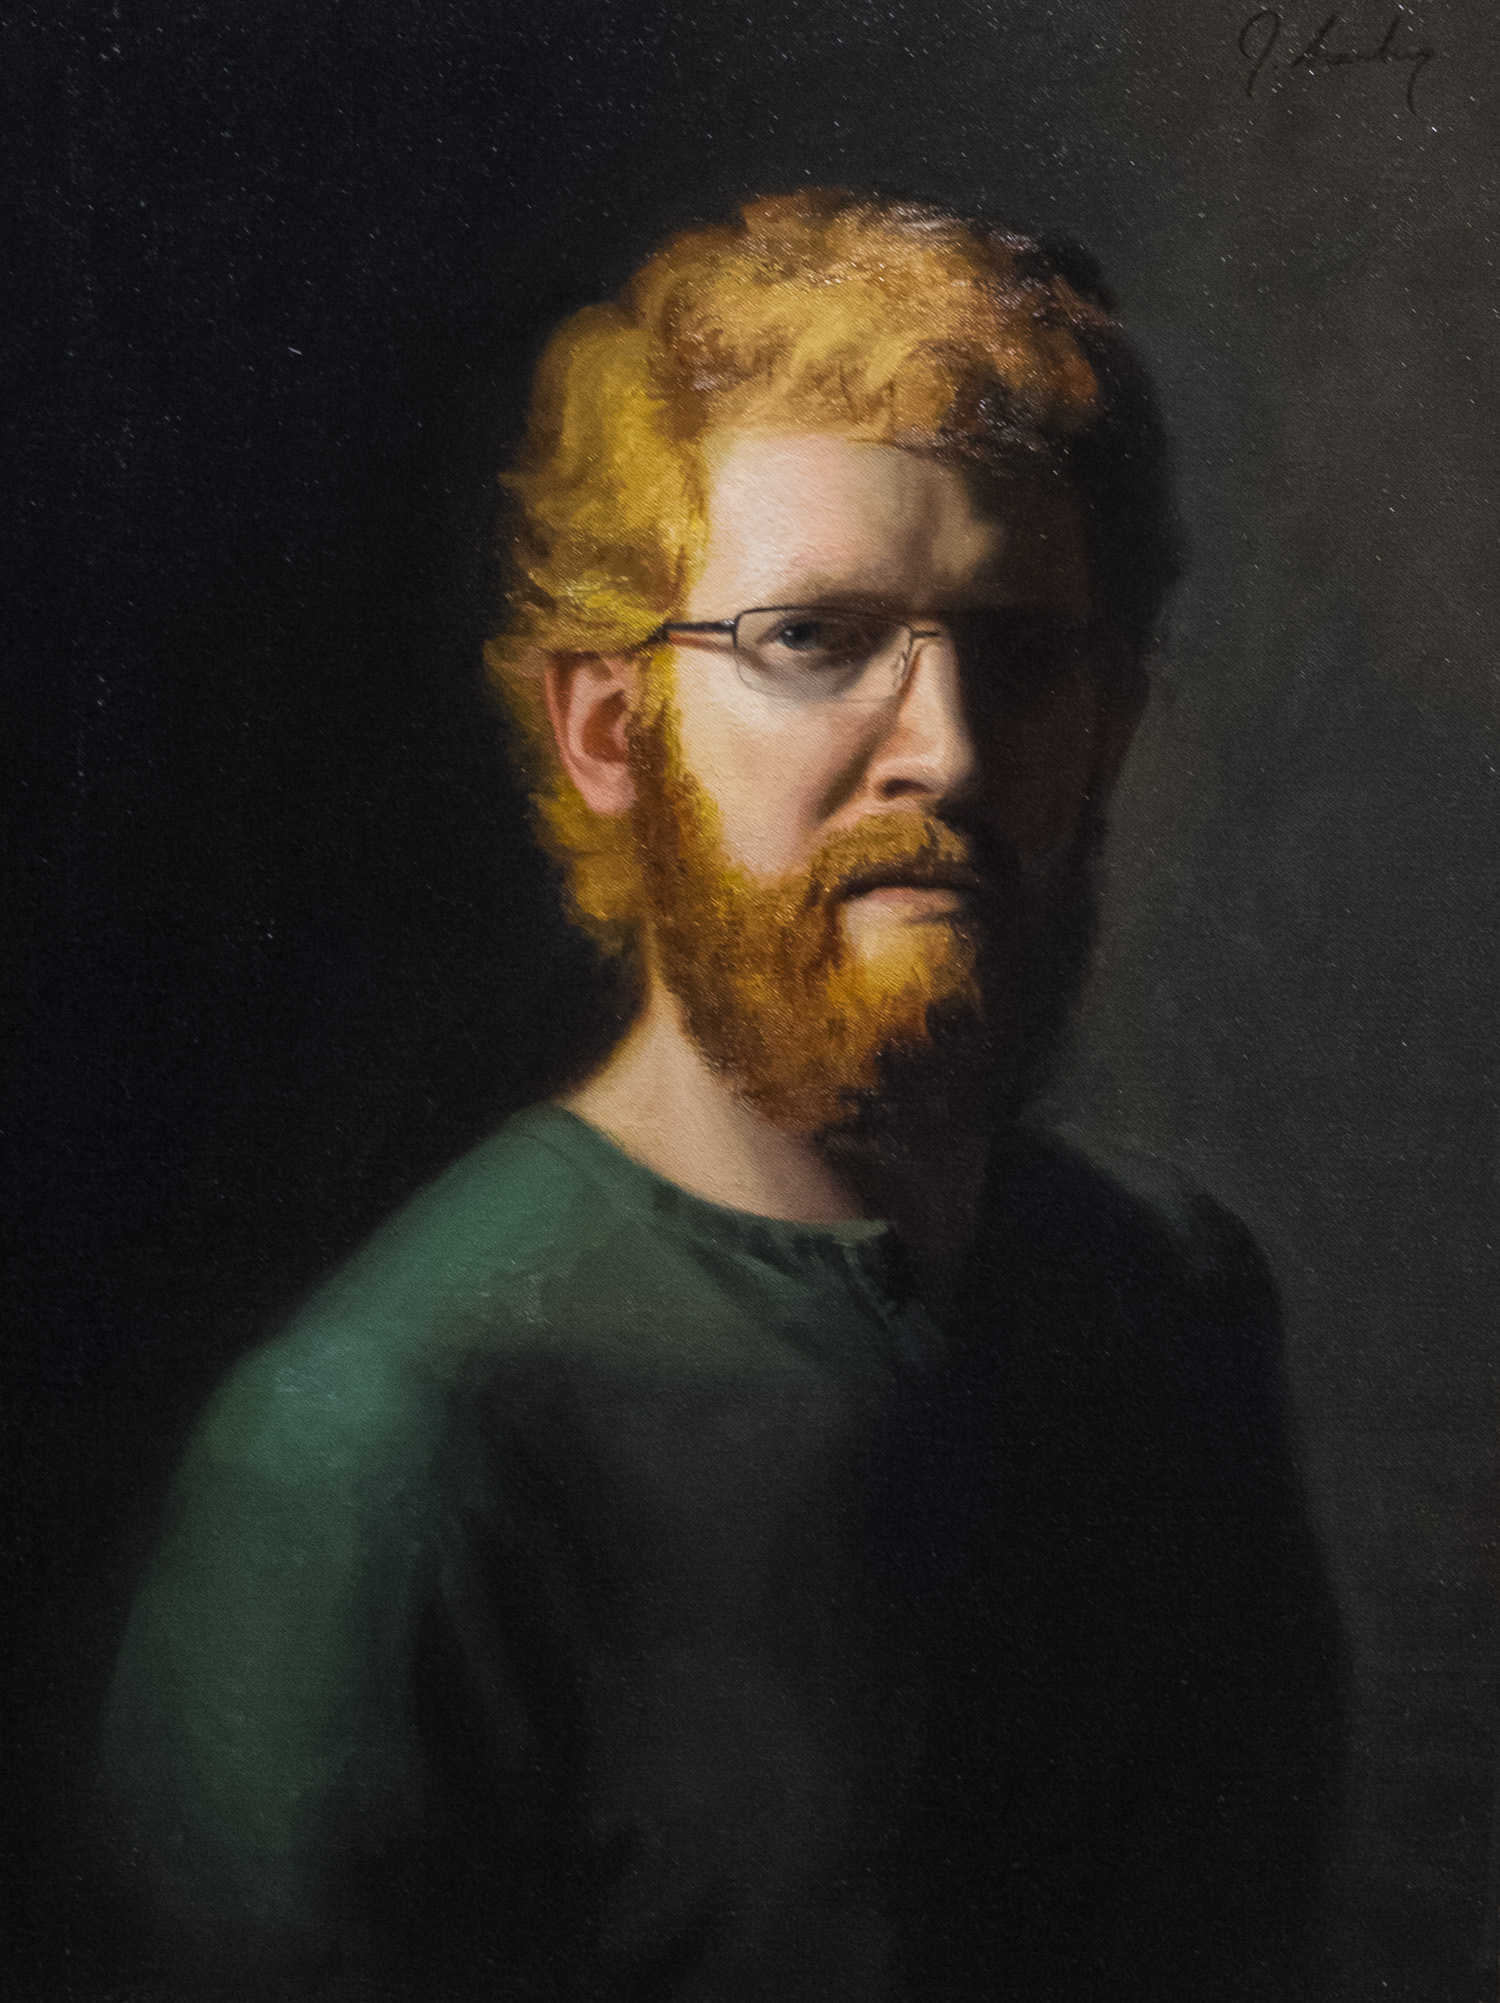 Joshua Granberg - Self Portrait - 18x24 inches